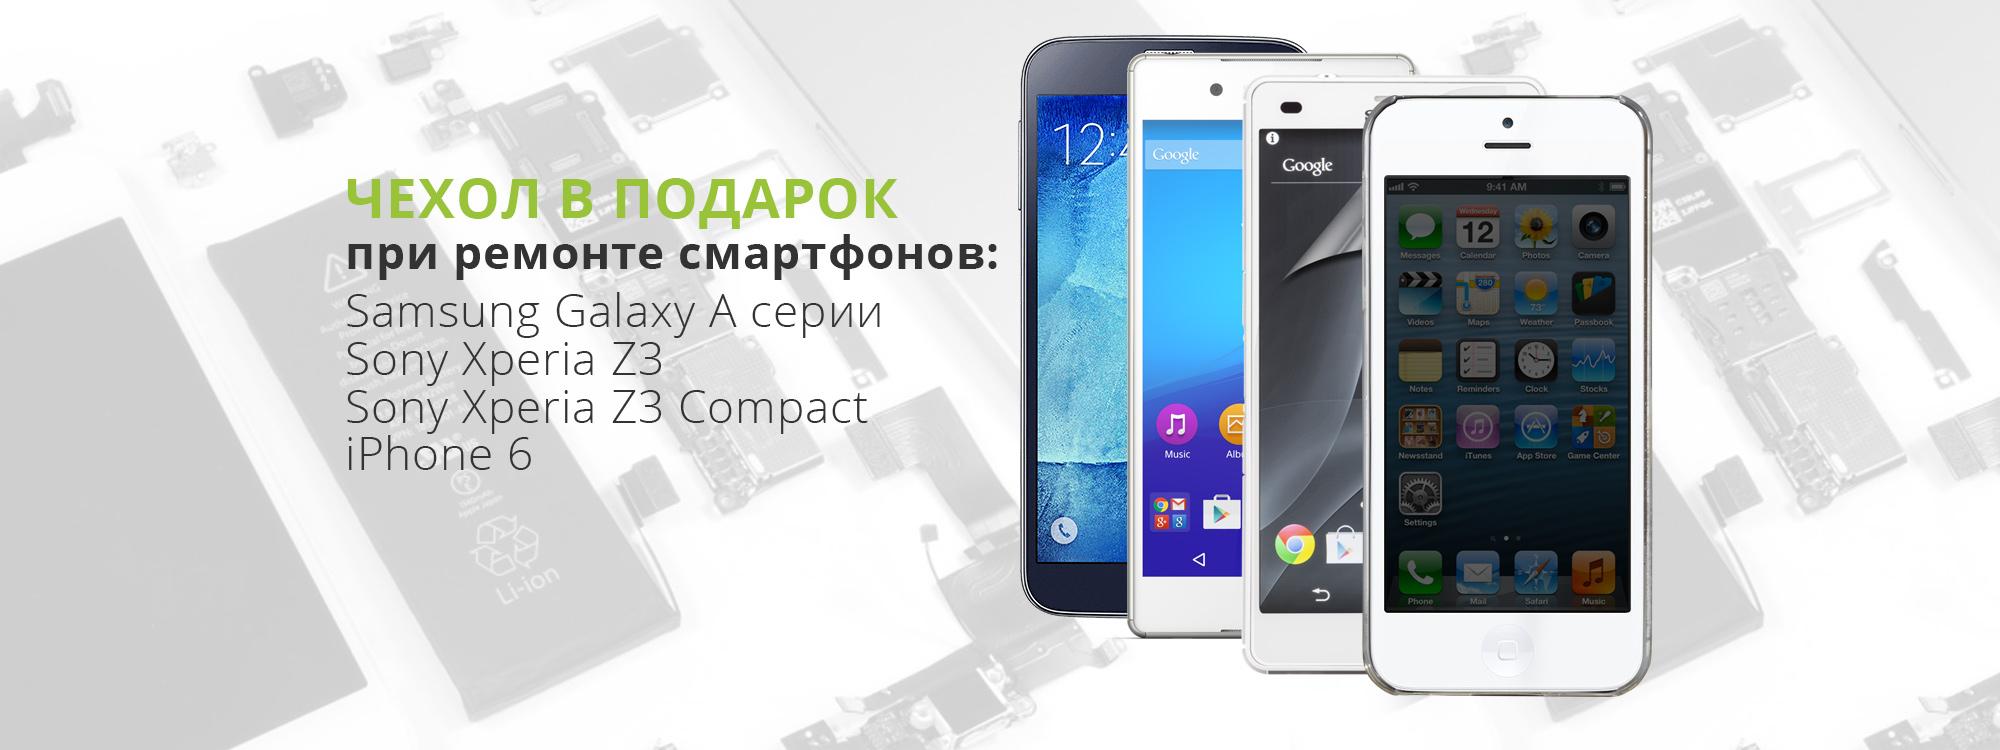 Ремонт сотовых телефонов москва цены - ремонт в Москве стоимость нокиа n9